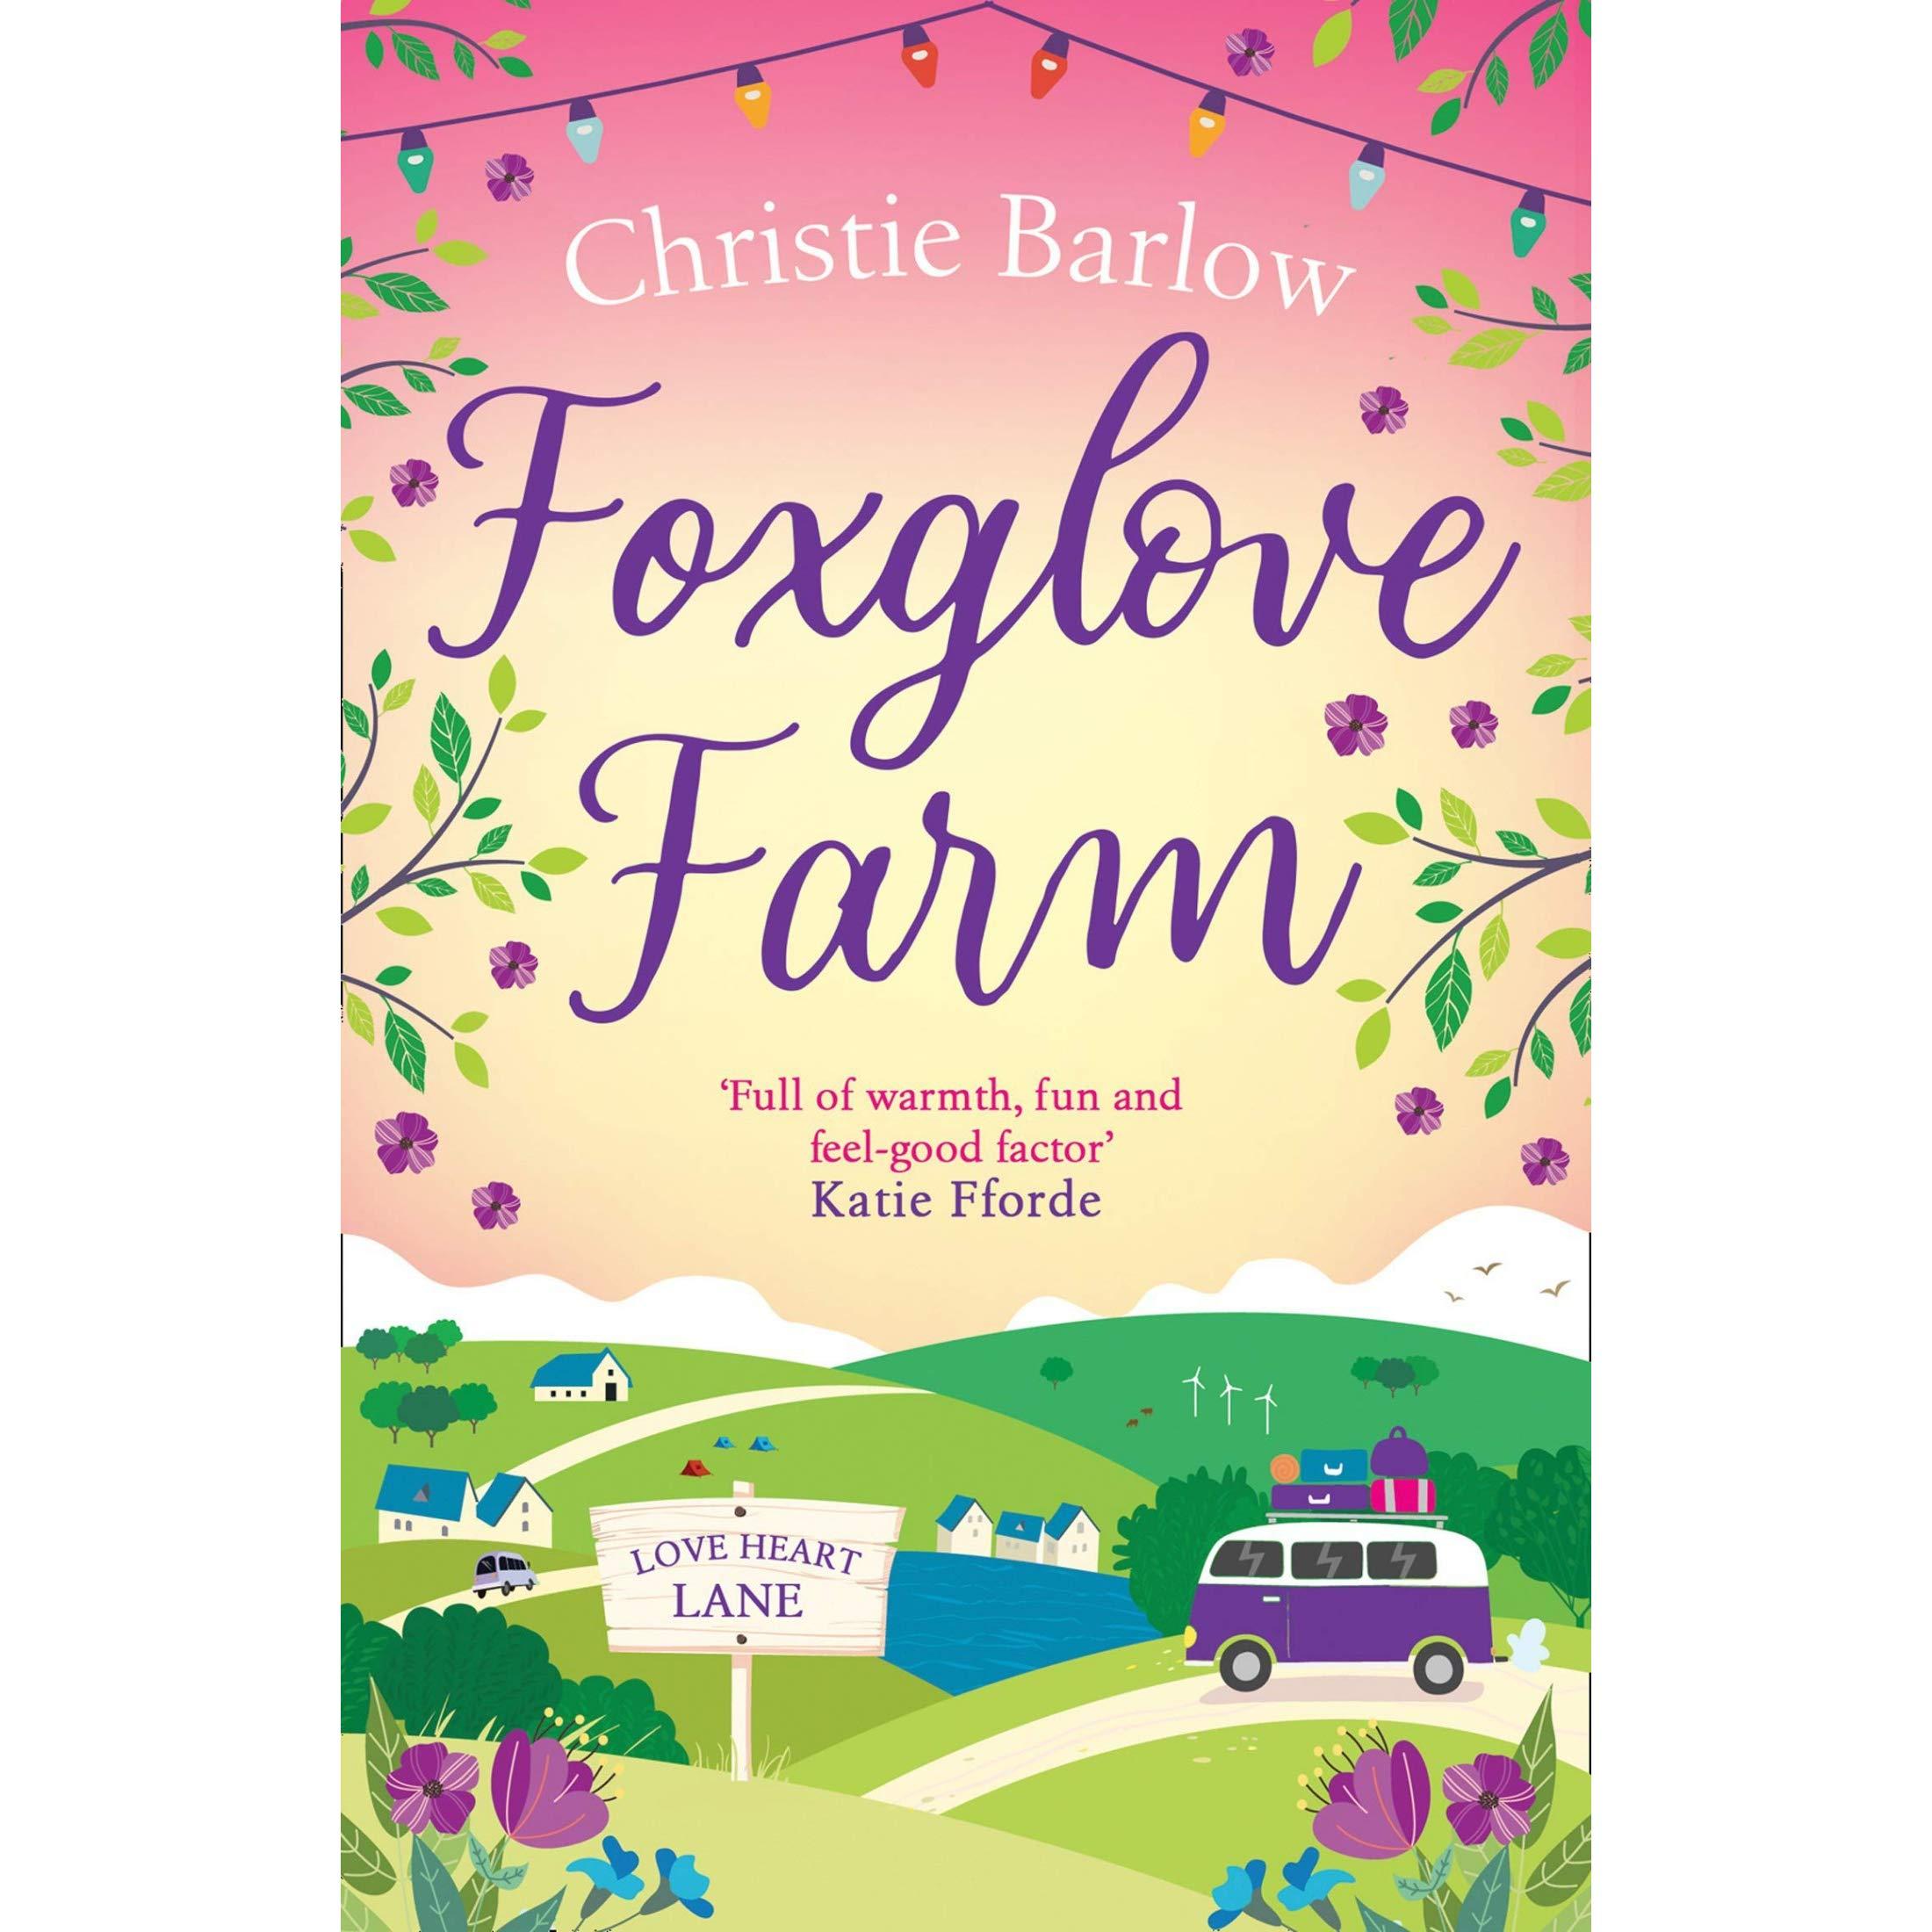 Foxglove Farm by Christie Barlow.